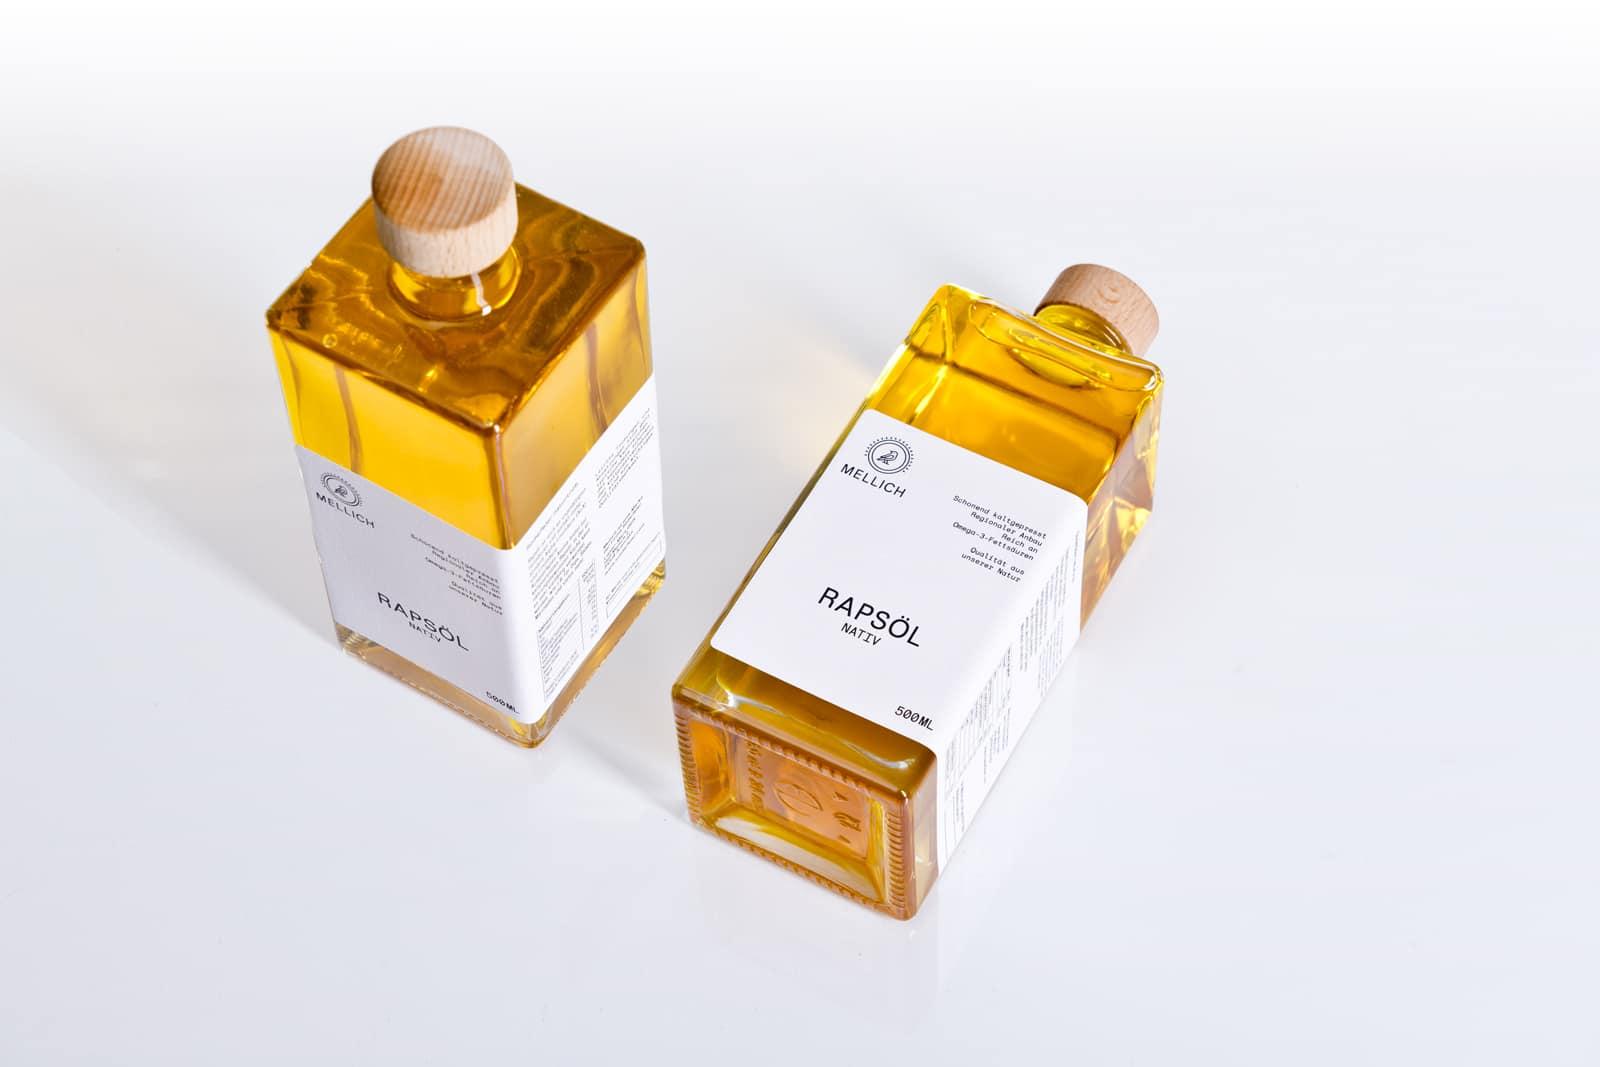 Mellich Öl Etikettendesign perspektive